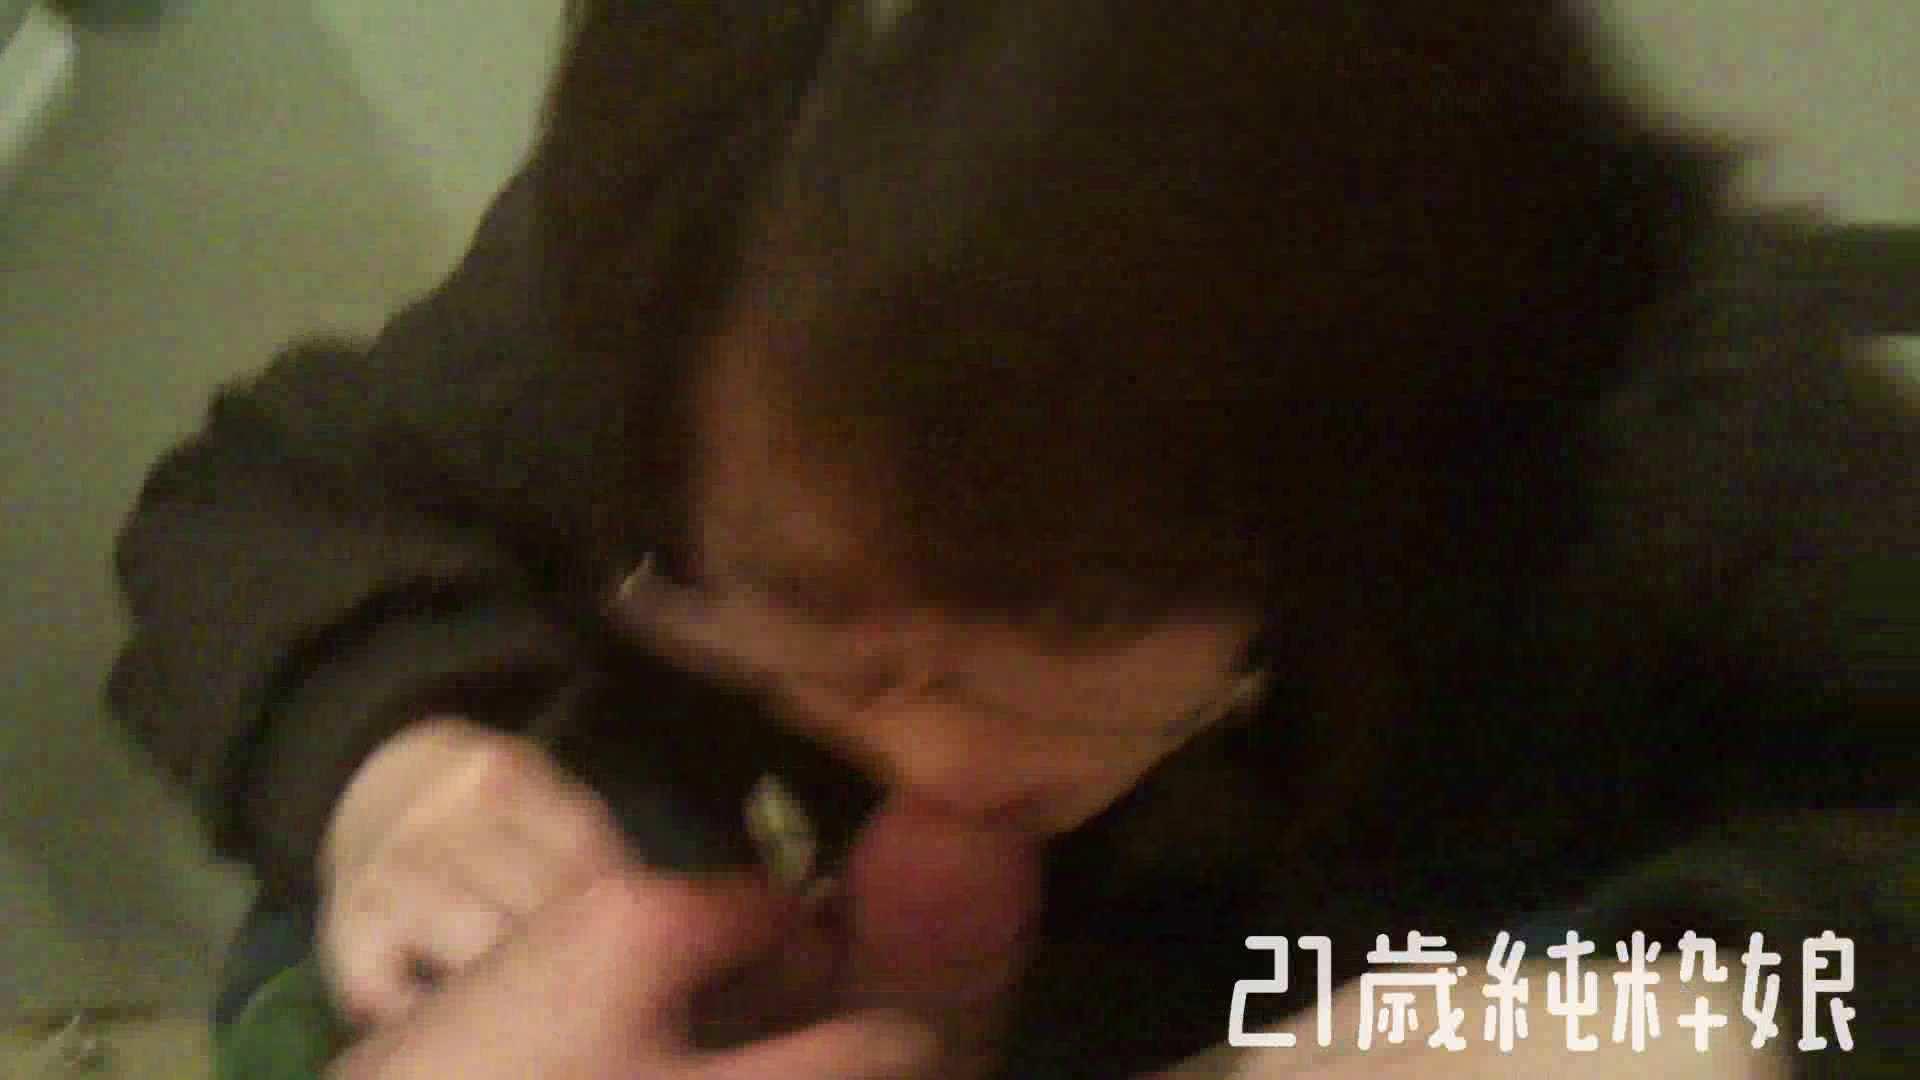 Gカップ21歳純粋嬢第2弾Vol.5 学校  108連発 54